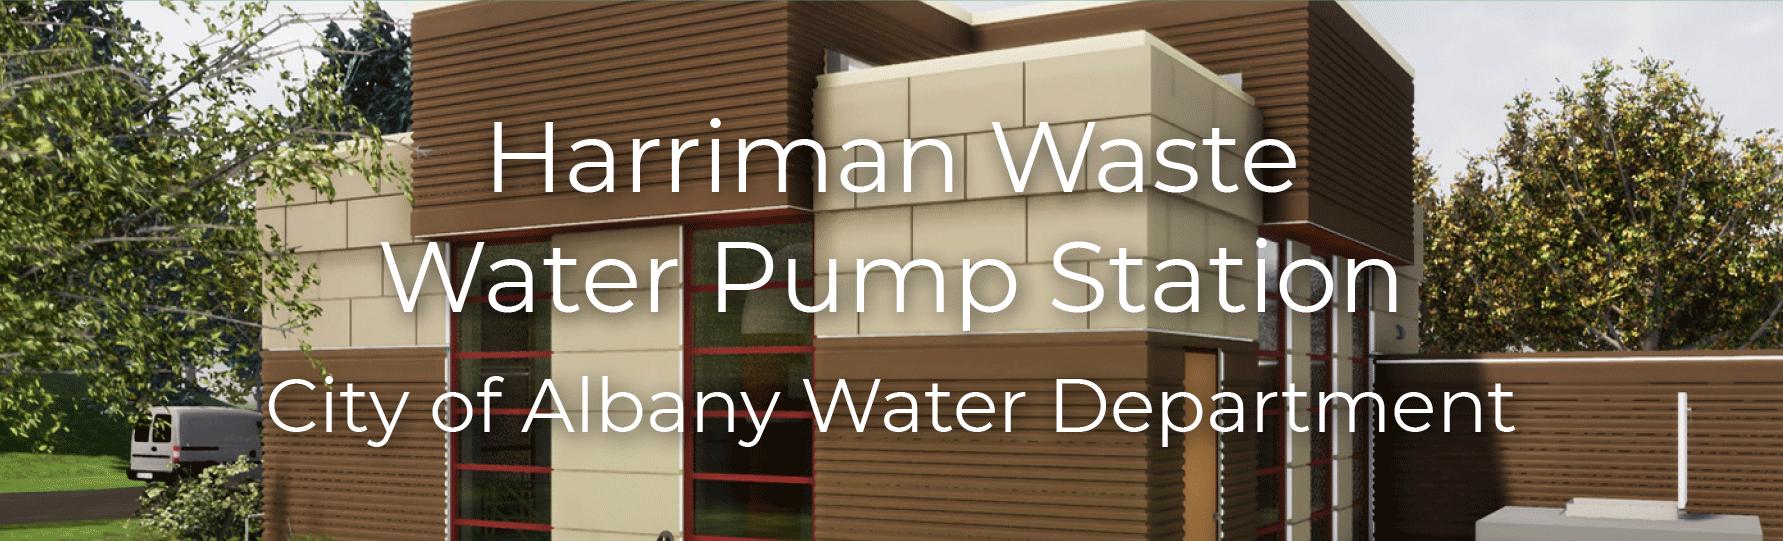 Harriman Waste Water Pump Station